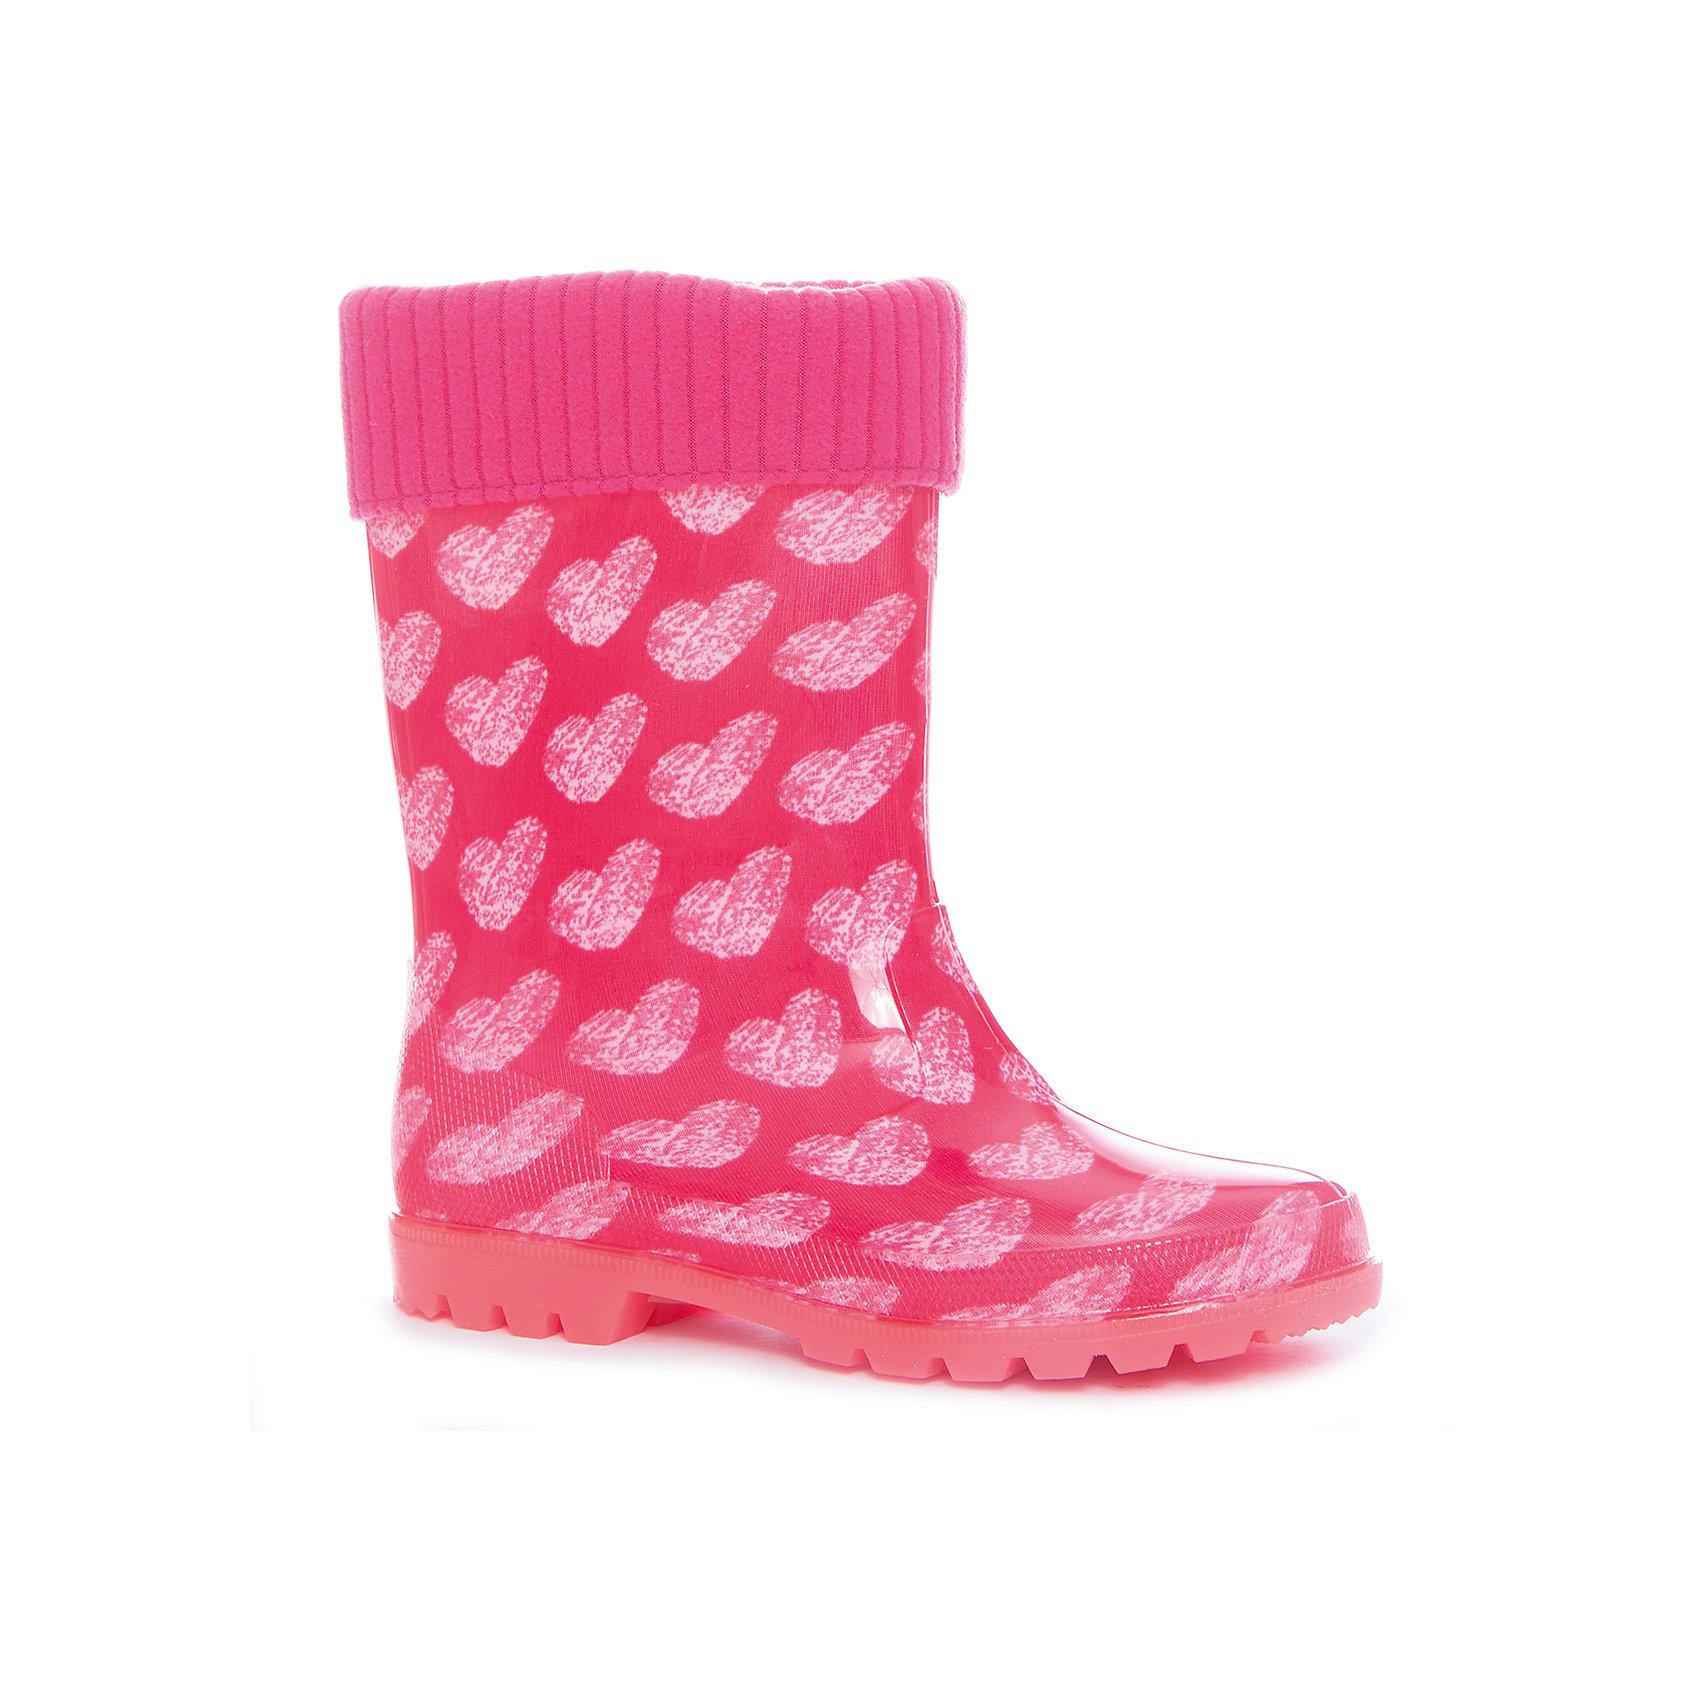 Резиновые сапоги  для девочки KAPIKAРезиновые сапоги<br>Характеристики товара:<br><br>• цвет: розовый<br>• внешний материал: ПВХ<br>• внутренний материал: утеплённый текстиль<br>• стелька: утеплённый текстиль<br>• подошва: ПВХ<br>• температурный режим: от +5°до +20°С<br>• резиновые сапоги со светодиодами в подошве<br>• съёмный внутренний сапожок<br>• сапоги можно носить как с вложенным сапожком, так и без него<br>• небольшой каблук<br>• не скользят<br>• рельефная подошва<br>• устойчивая подошва<br>• страна бренда: Российская Федерация<br>• страна изготовитель: Китай<br><br>Когда на улице сыро, резиновые сапоги - необходимый атрибут для ребенка. Эта модель отличается удобной формой, вынимающейся подкладкой и устойчивой нескользящей подошвой - так ноги точно останутся в сухости и тепле.<br><br>Резиновые сапоги от российского бренда Kapika (Капика) можно купить в нашем интернет-магазине.<br><br>Ширина мм: 237<br>Глубина мм: 180<br>Высота мм: 152<br>Вес г: 438<br>Цвет: розовый<br>Возраст от месяцев: 84<br>Возраст до месяцев: 96<br>Пол: Женский<br>Возраст: Детский<br>Размер: 31,35,32,33,34<br>SKU: 5324347